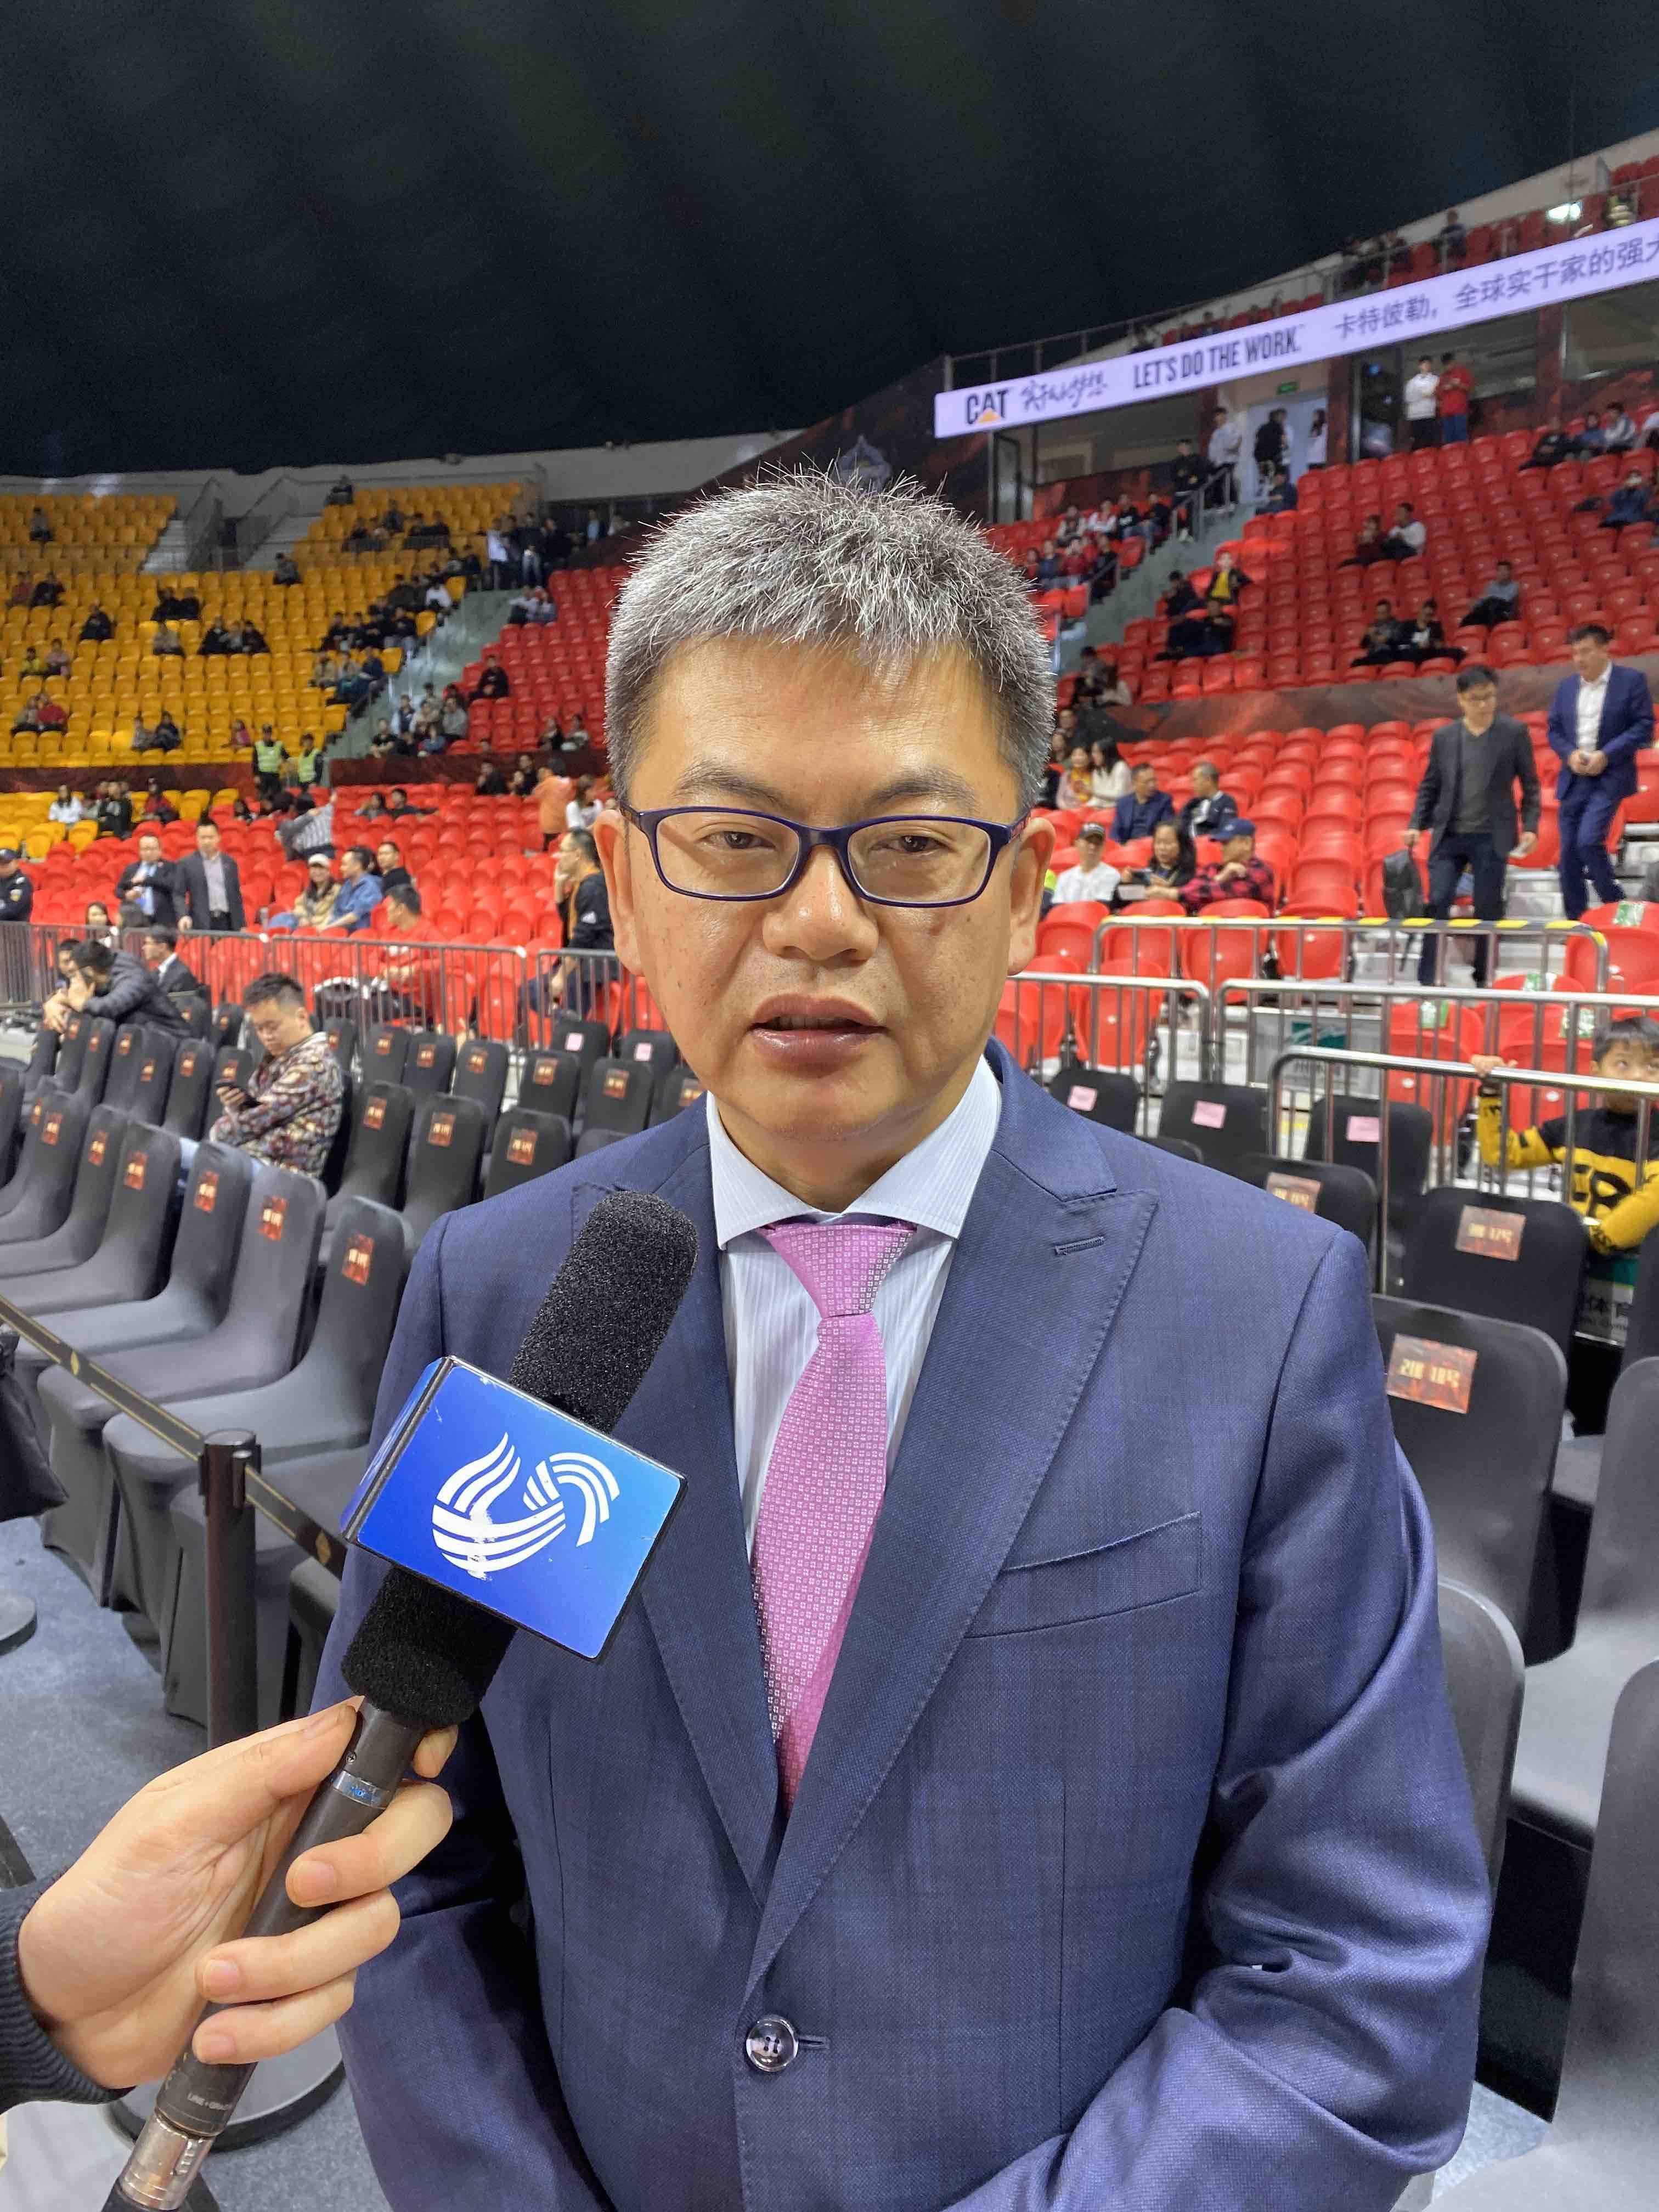 苏群:哈德森没老,山东男篮赛季表现令人惊讶